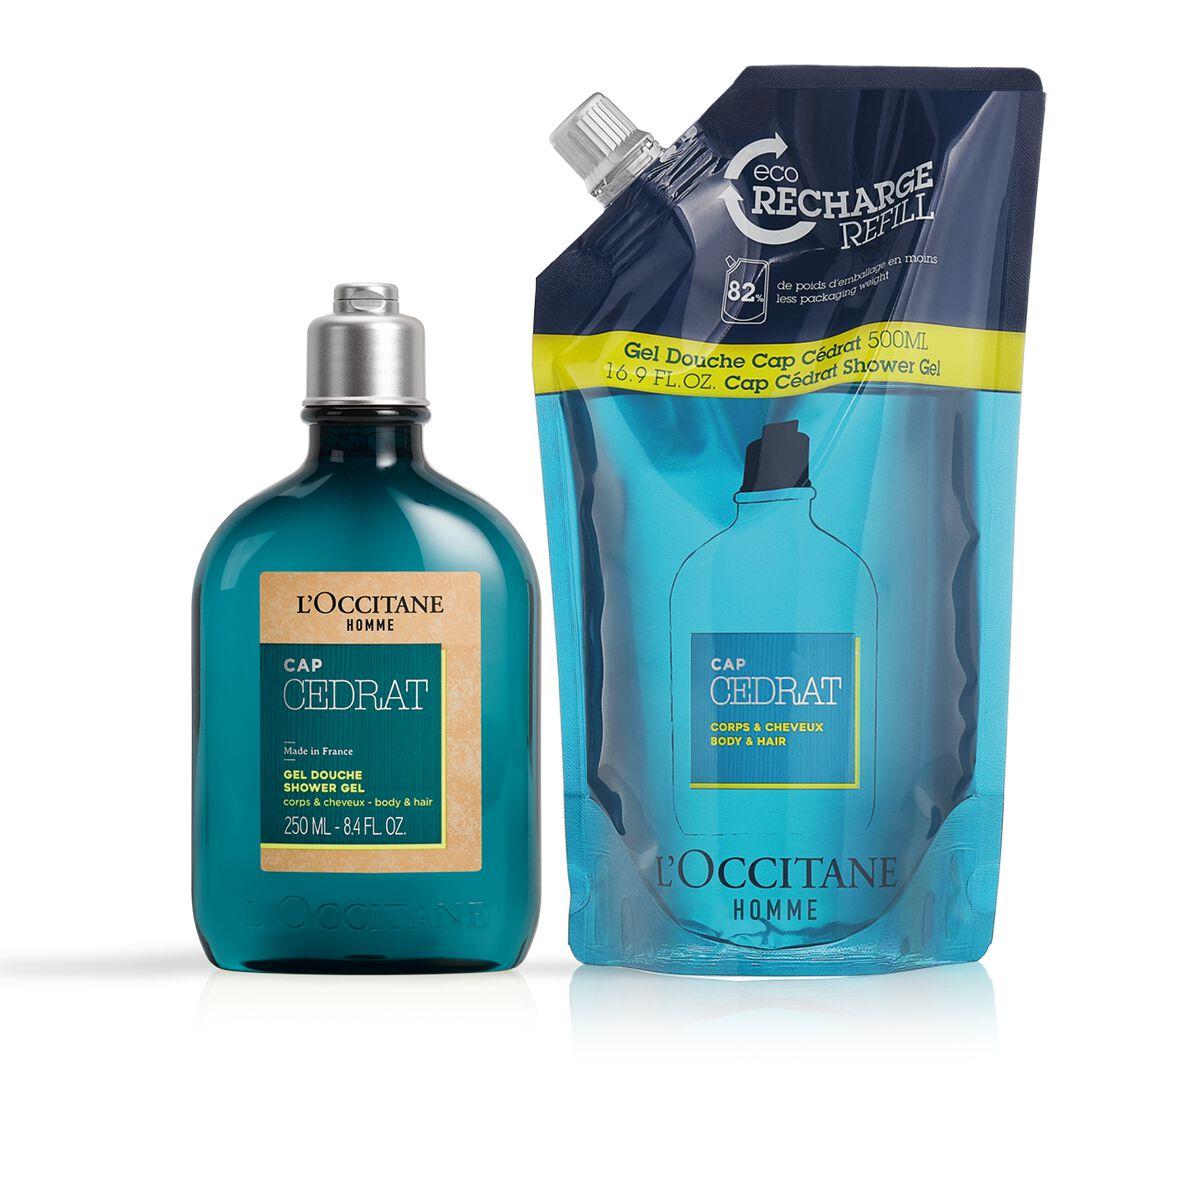 Cap Cedrat Shower Gel & Refill Duo